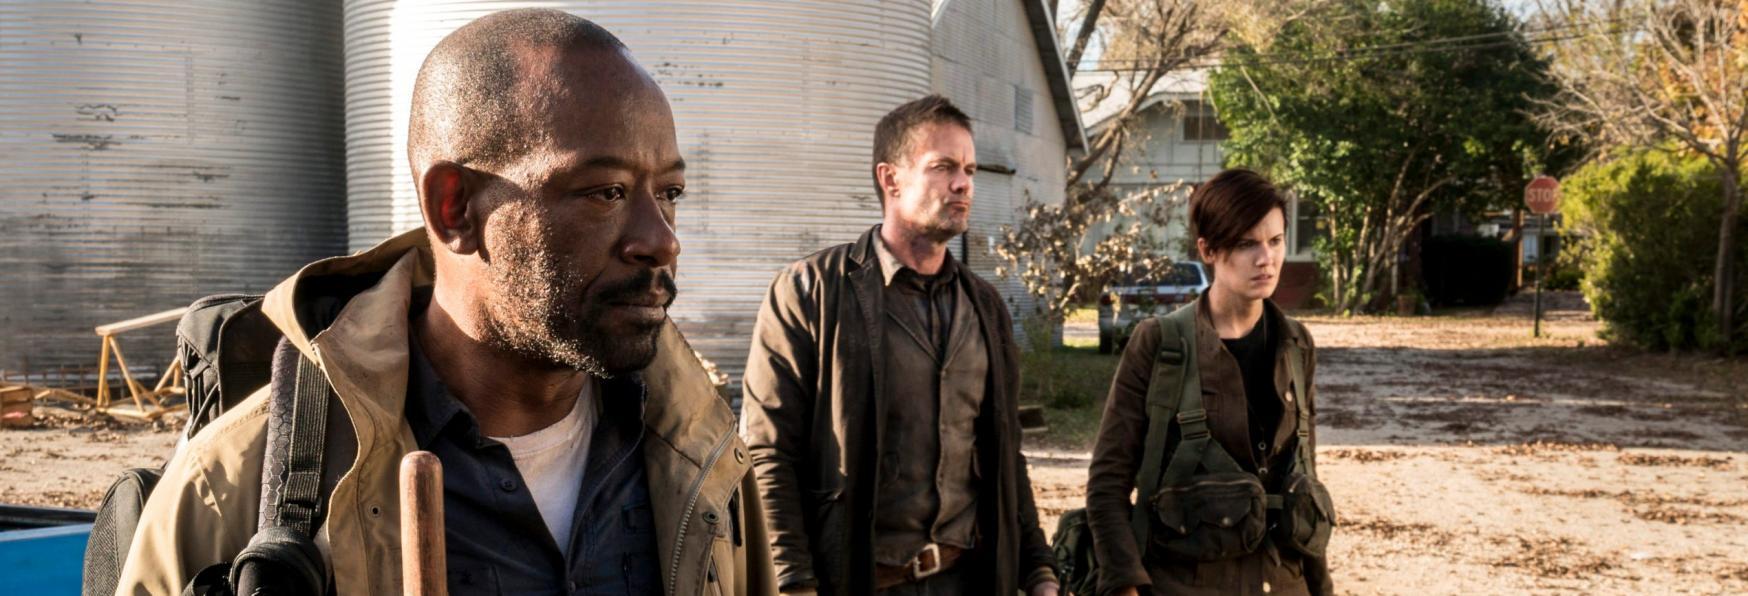 Fear the Walking Dead 6: nuove Anticipazioni sulla Stagione in arrivo a Ottobre